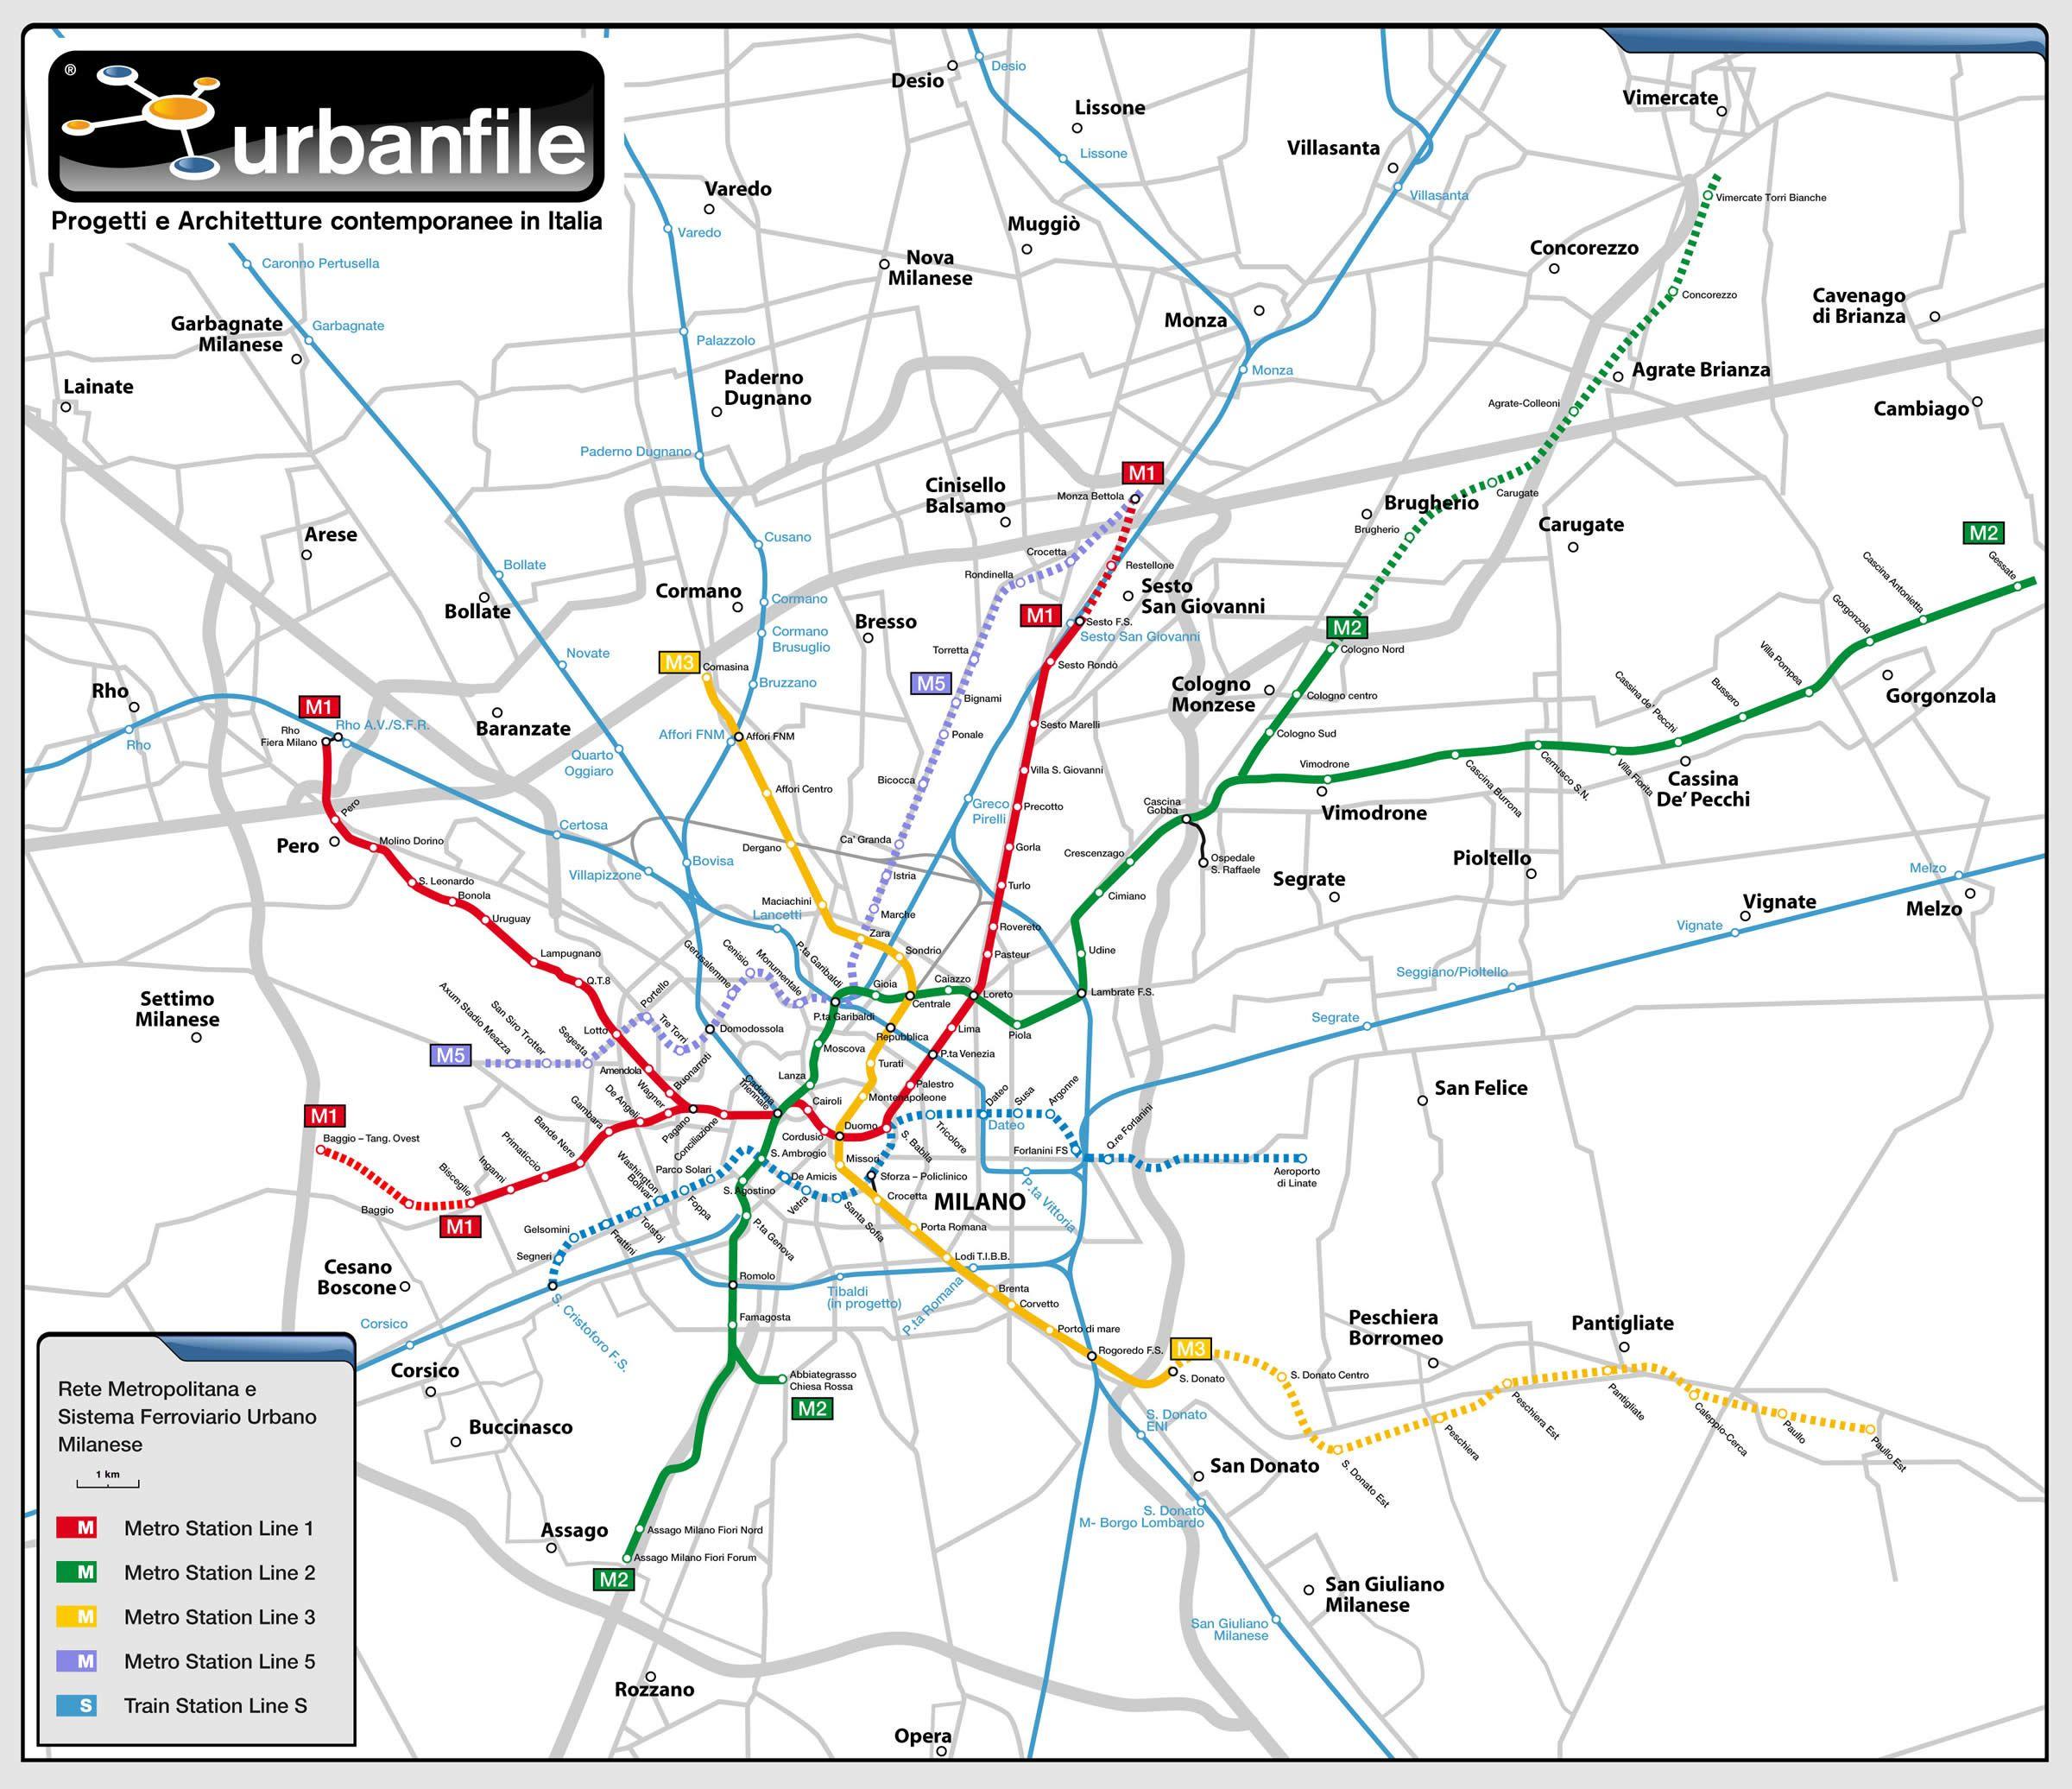 Geographical Map of Milan Metro